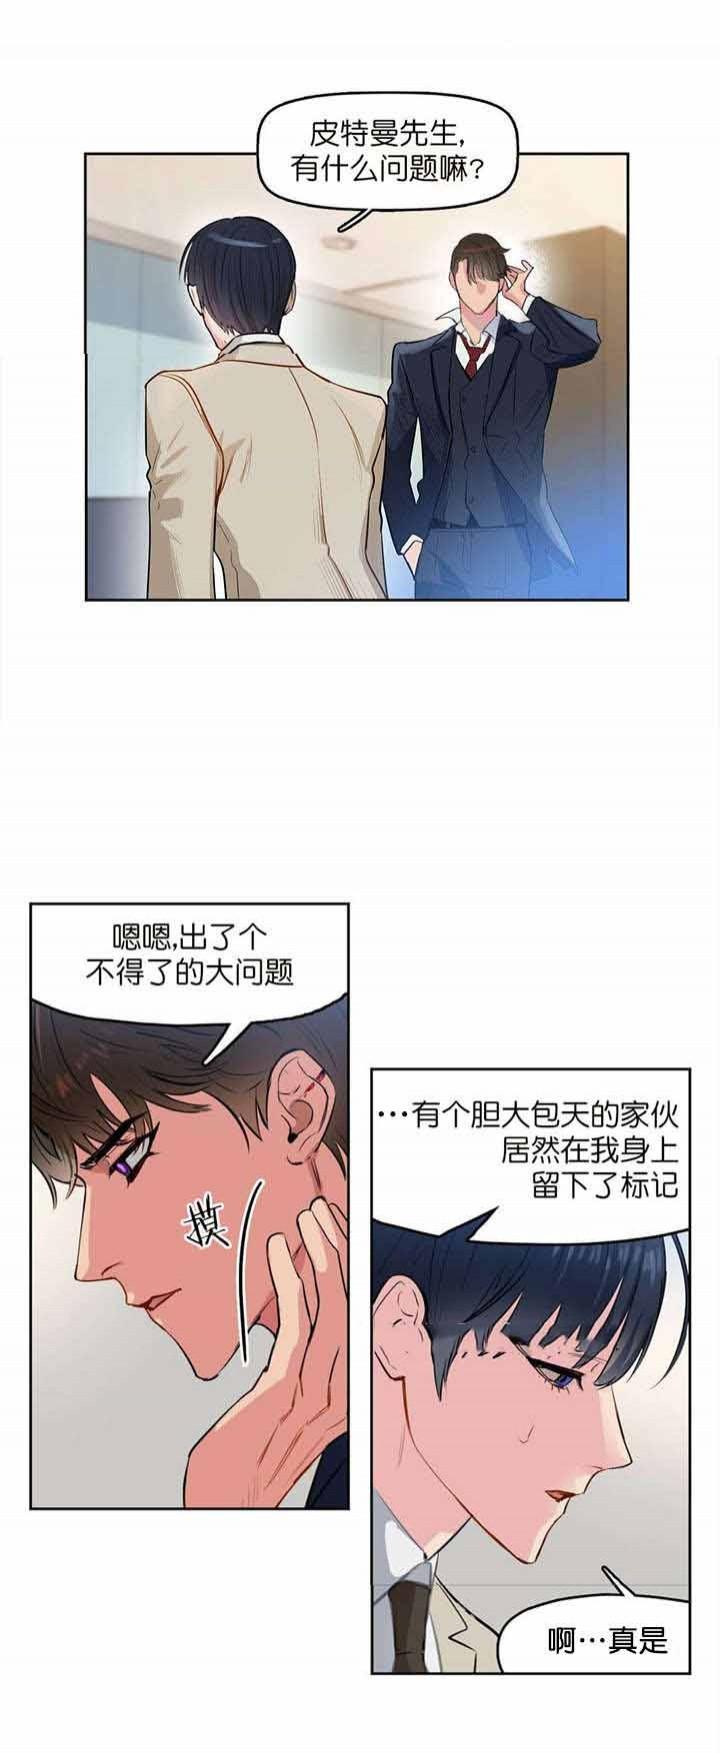 吻我骗子-漫画下拉式免费在线阅读_最新韩漫连载首发-啵乐漫画